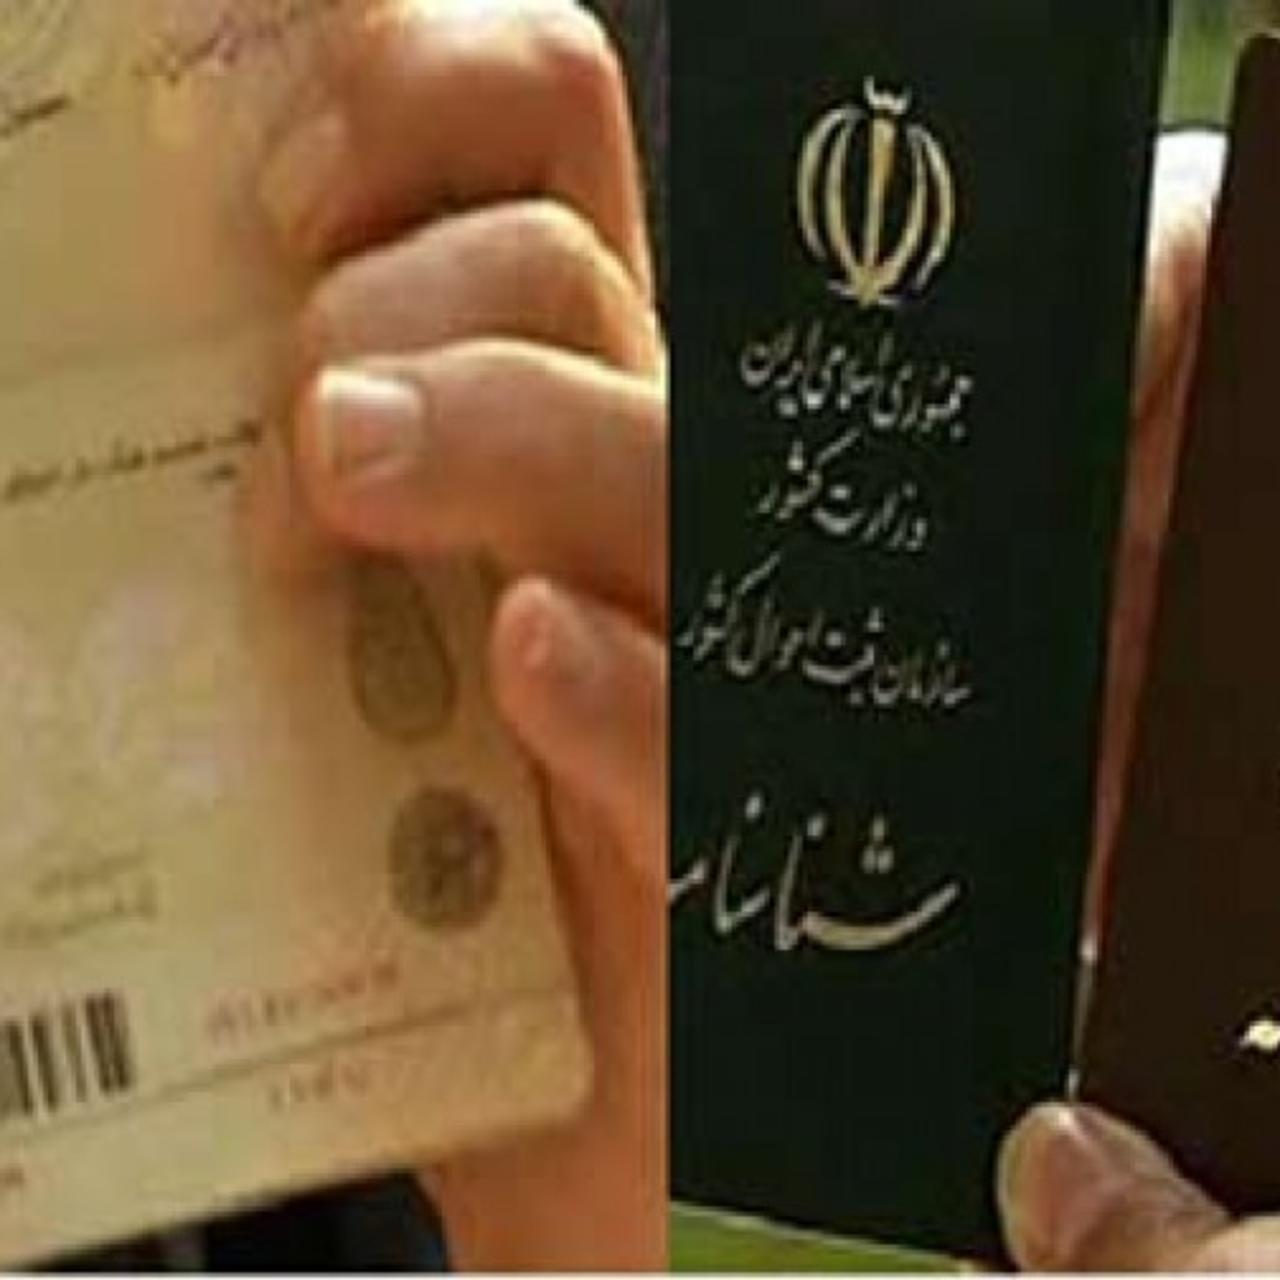 اصلاح آیین نامه اعطای تابعیت ایران به فرزندان حاصل از ازدواج زنان ایرانی با مردان خارجی